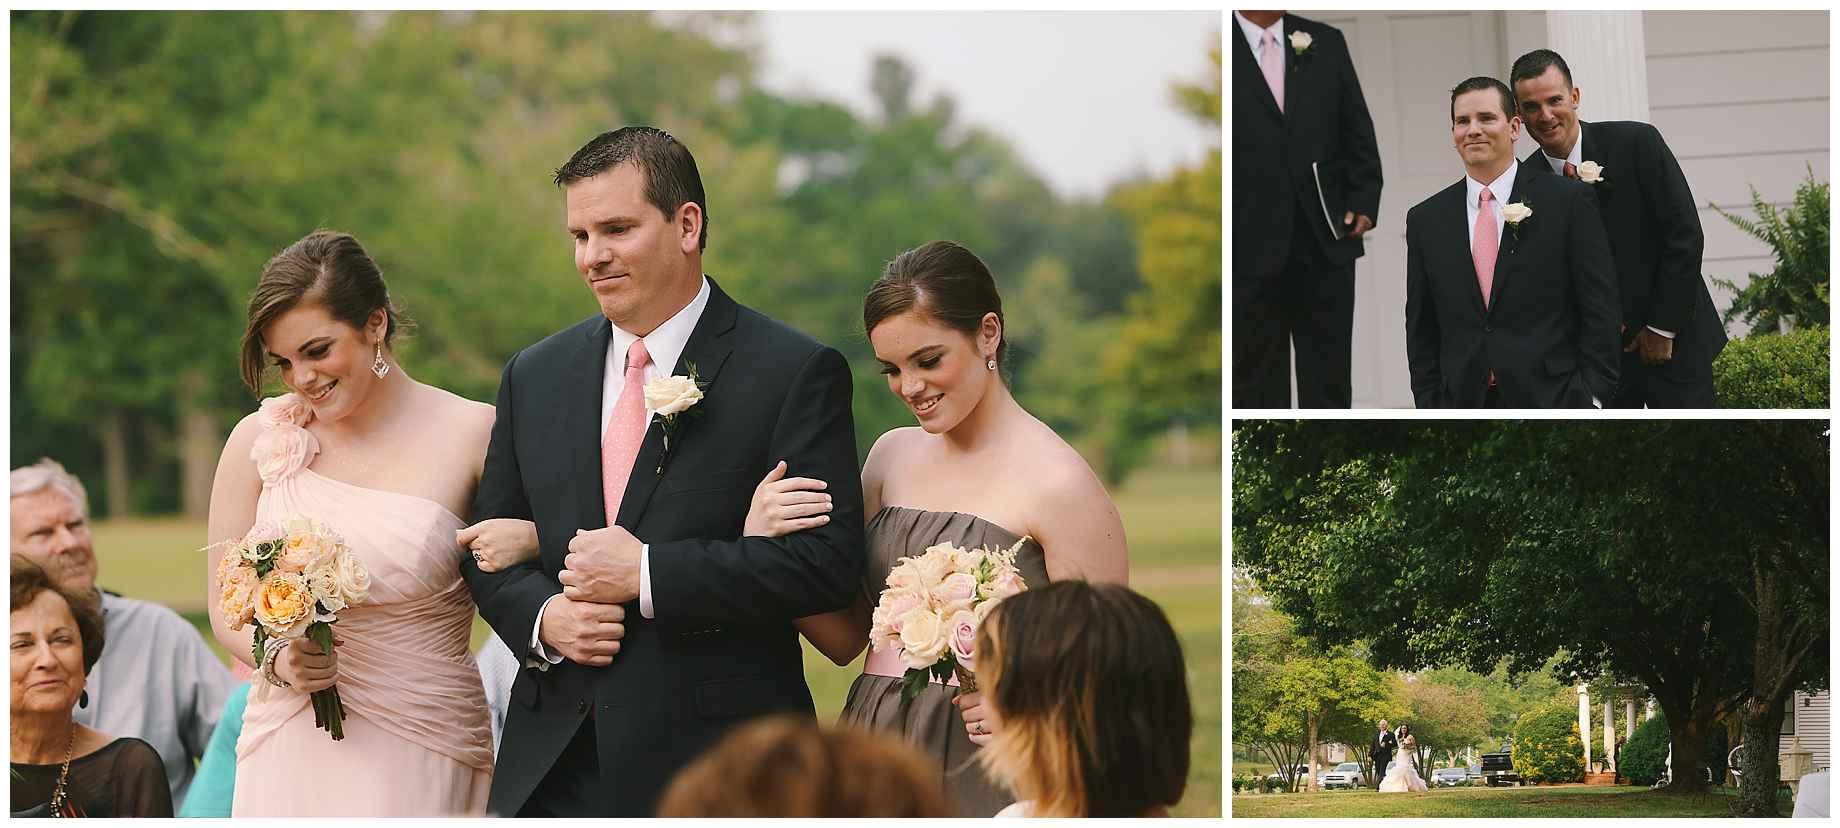 tyler-texas-wedding-photorapher-17